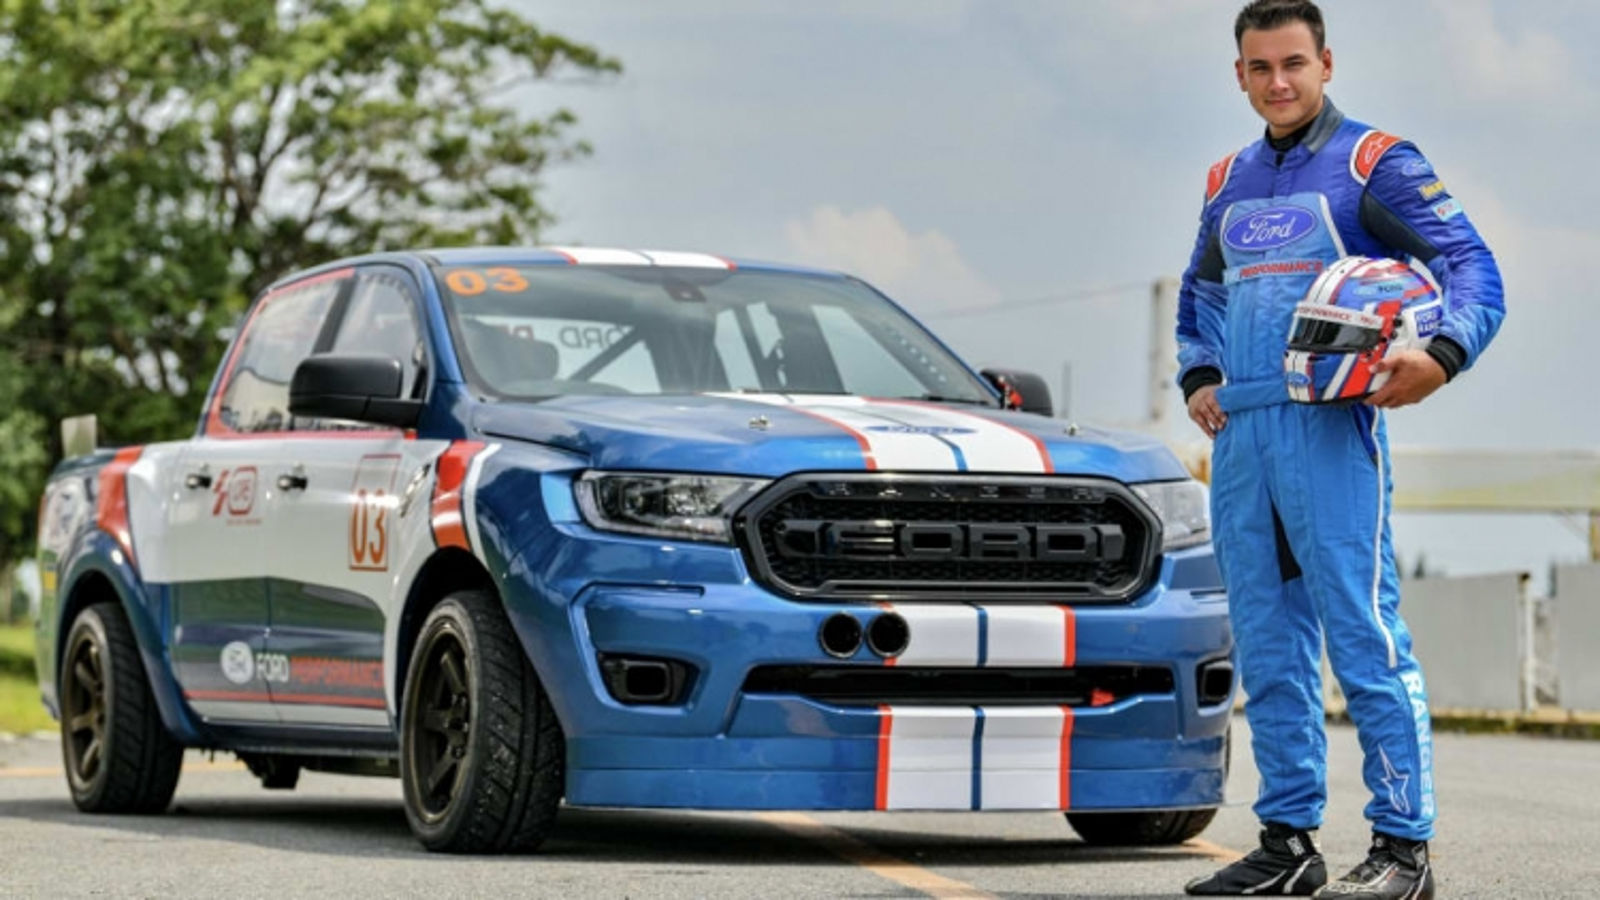 Phiên bản Ford Ranger XL Street Special dành riêng cho thị trường Thái Lan